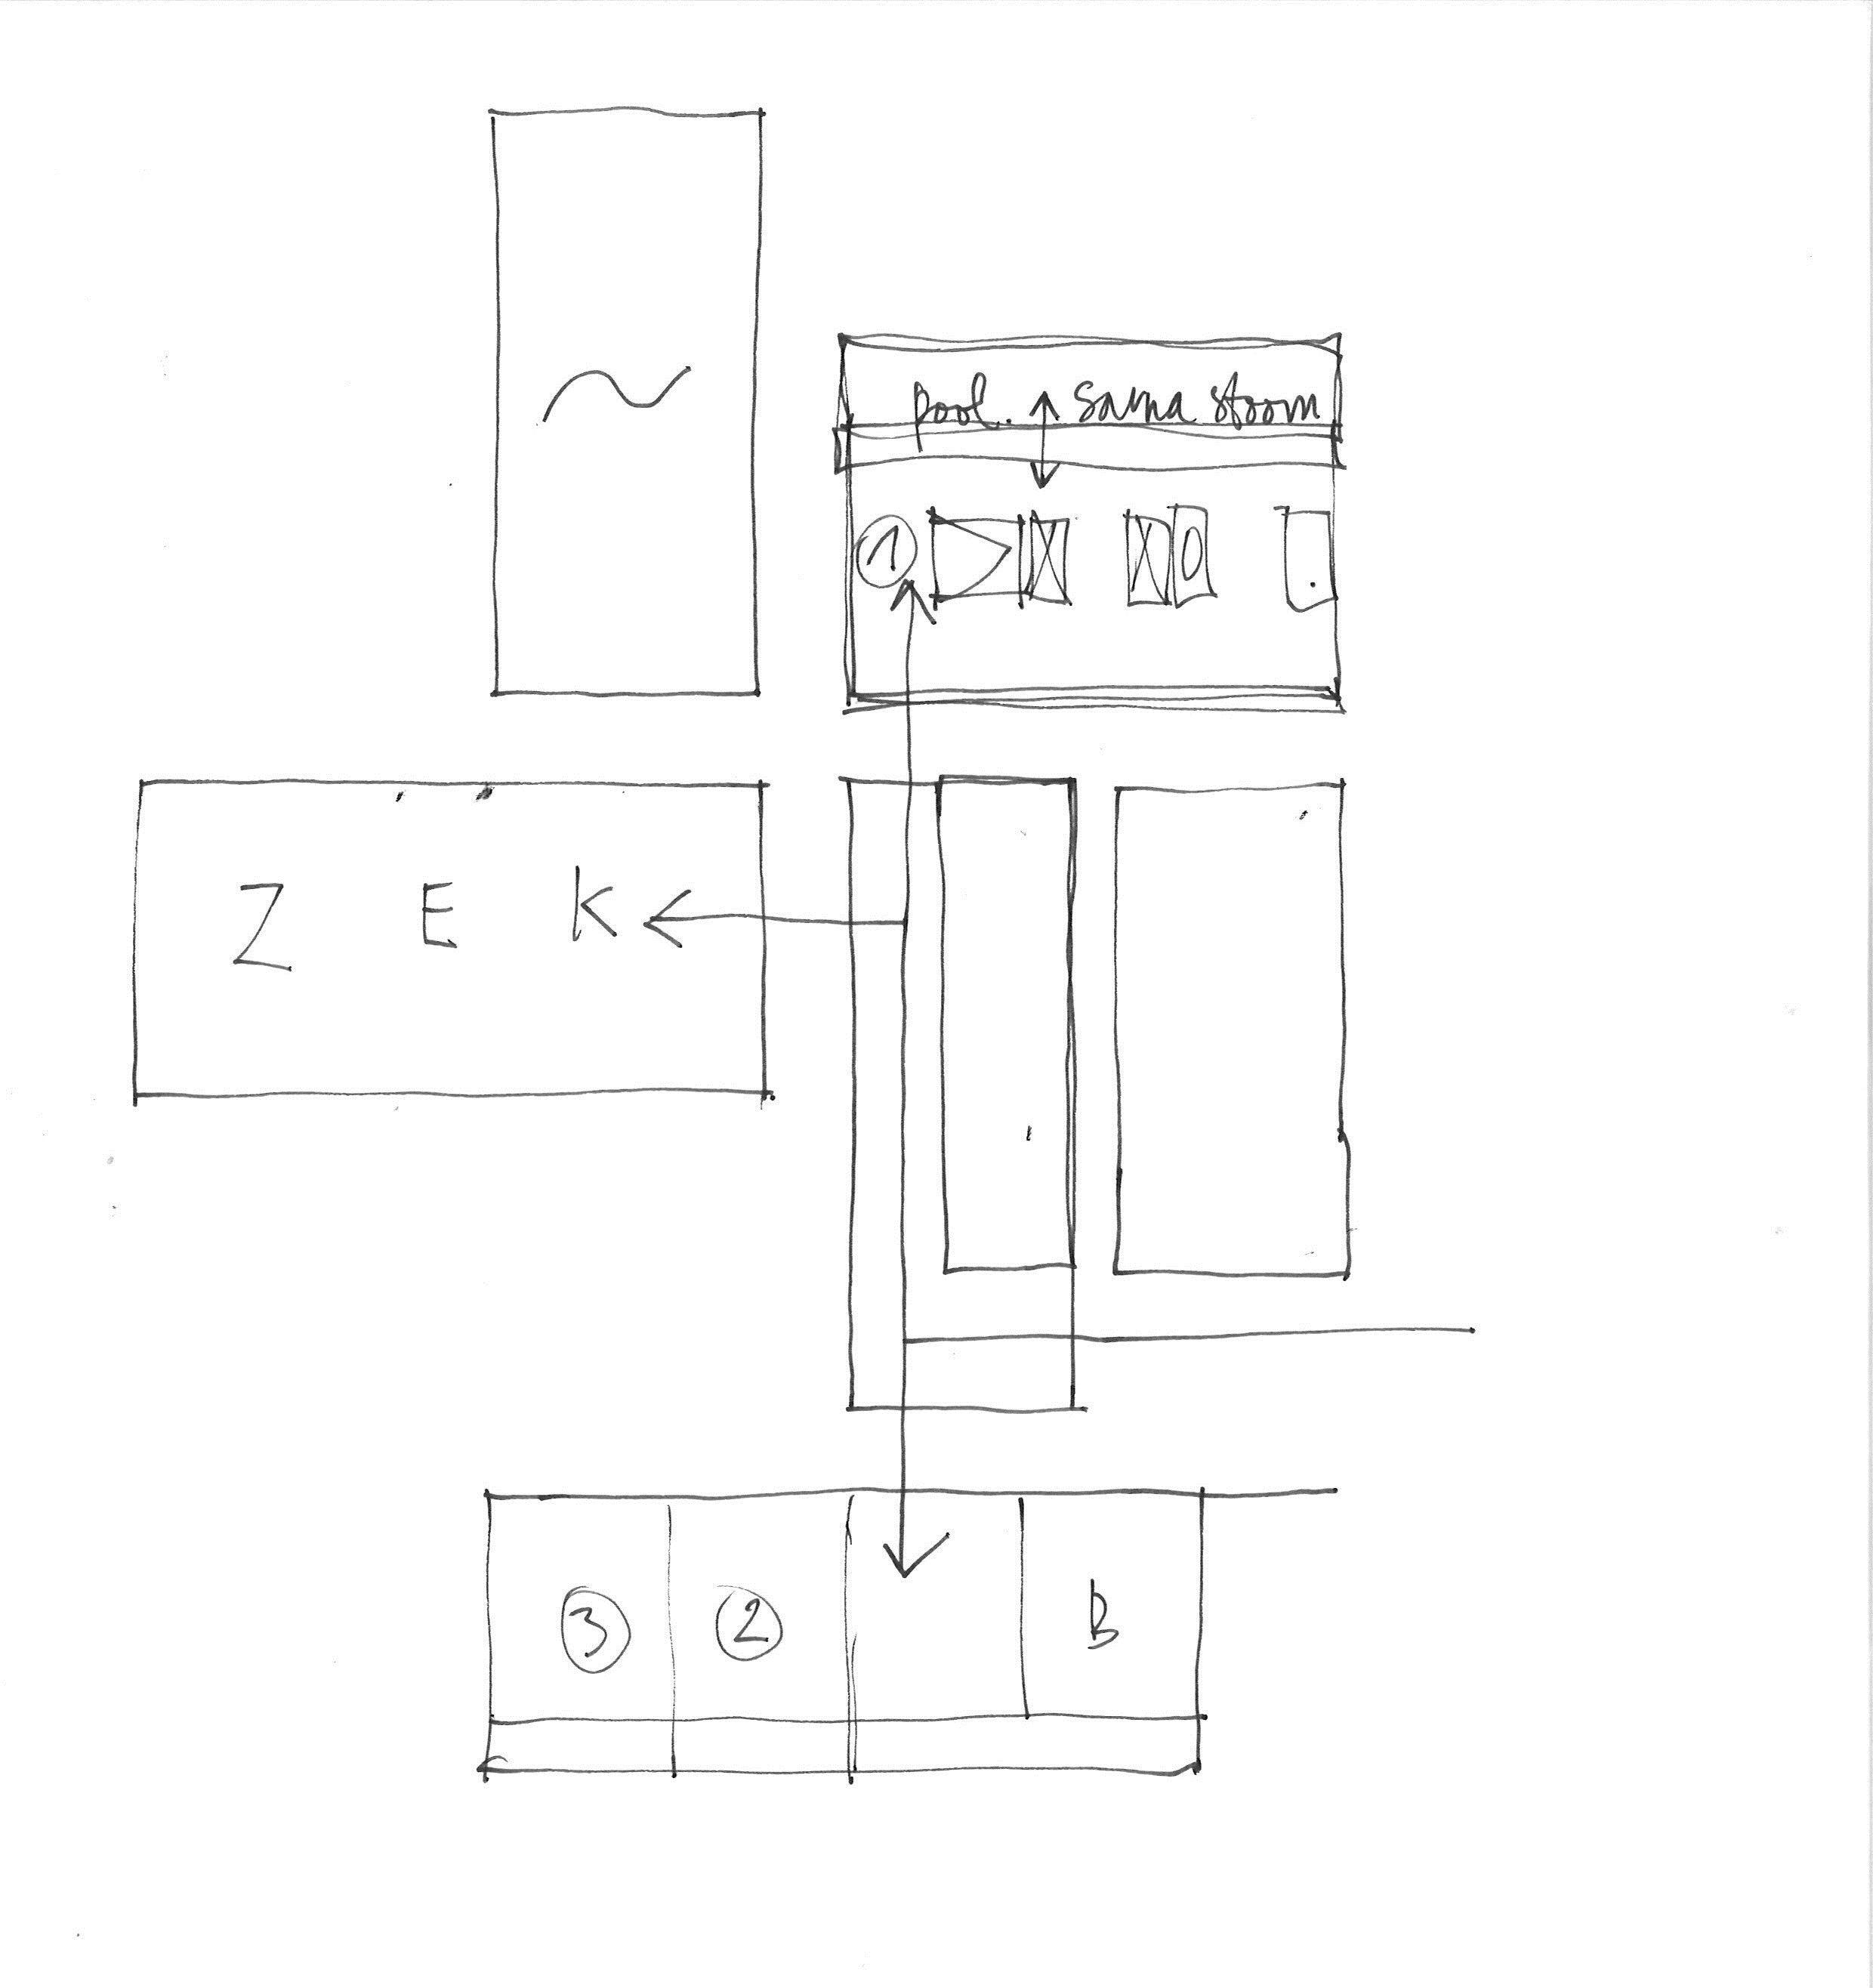 Vlekkenplan 1313HOOL stam.be | 1313HOOL bouwaanvraag | Pinterest